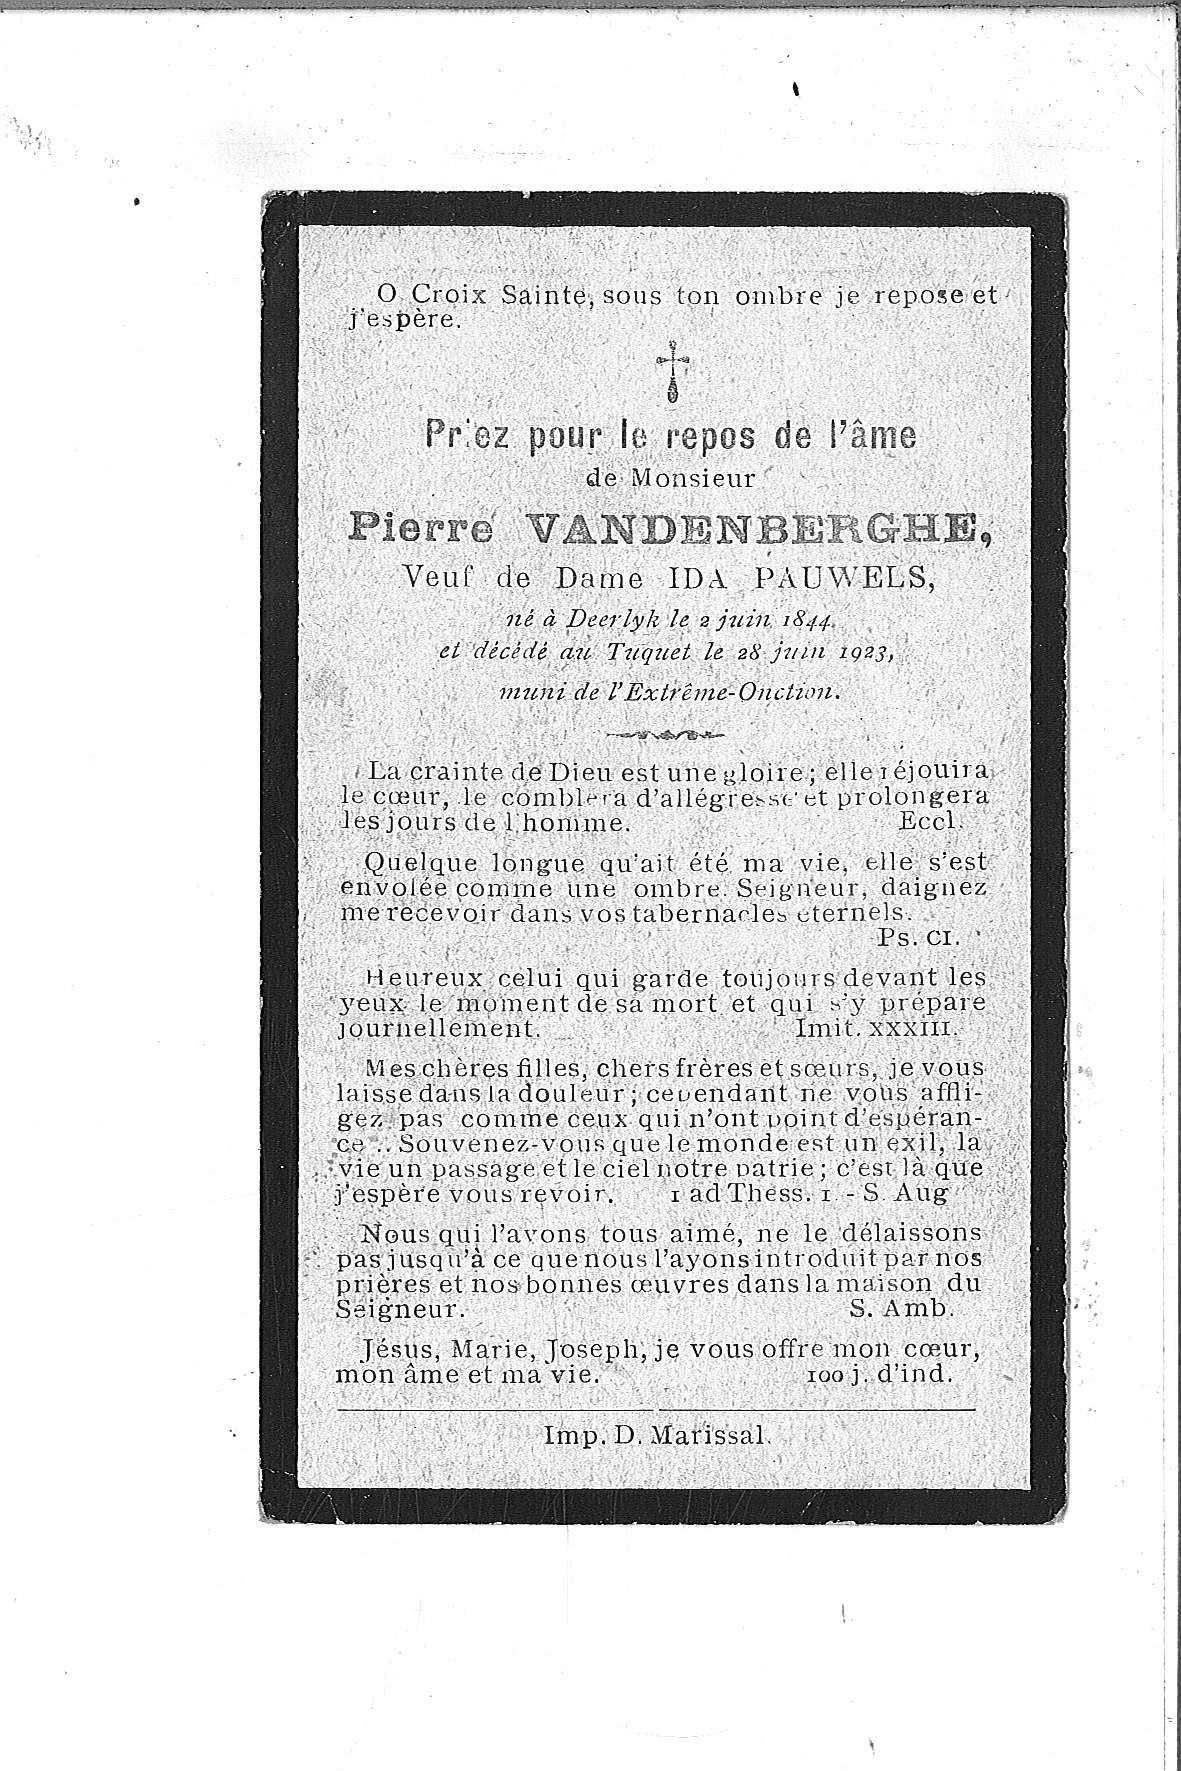 Pierre(1923)20140722165159_00137.jpg